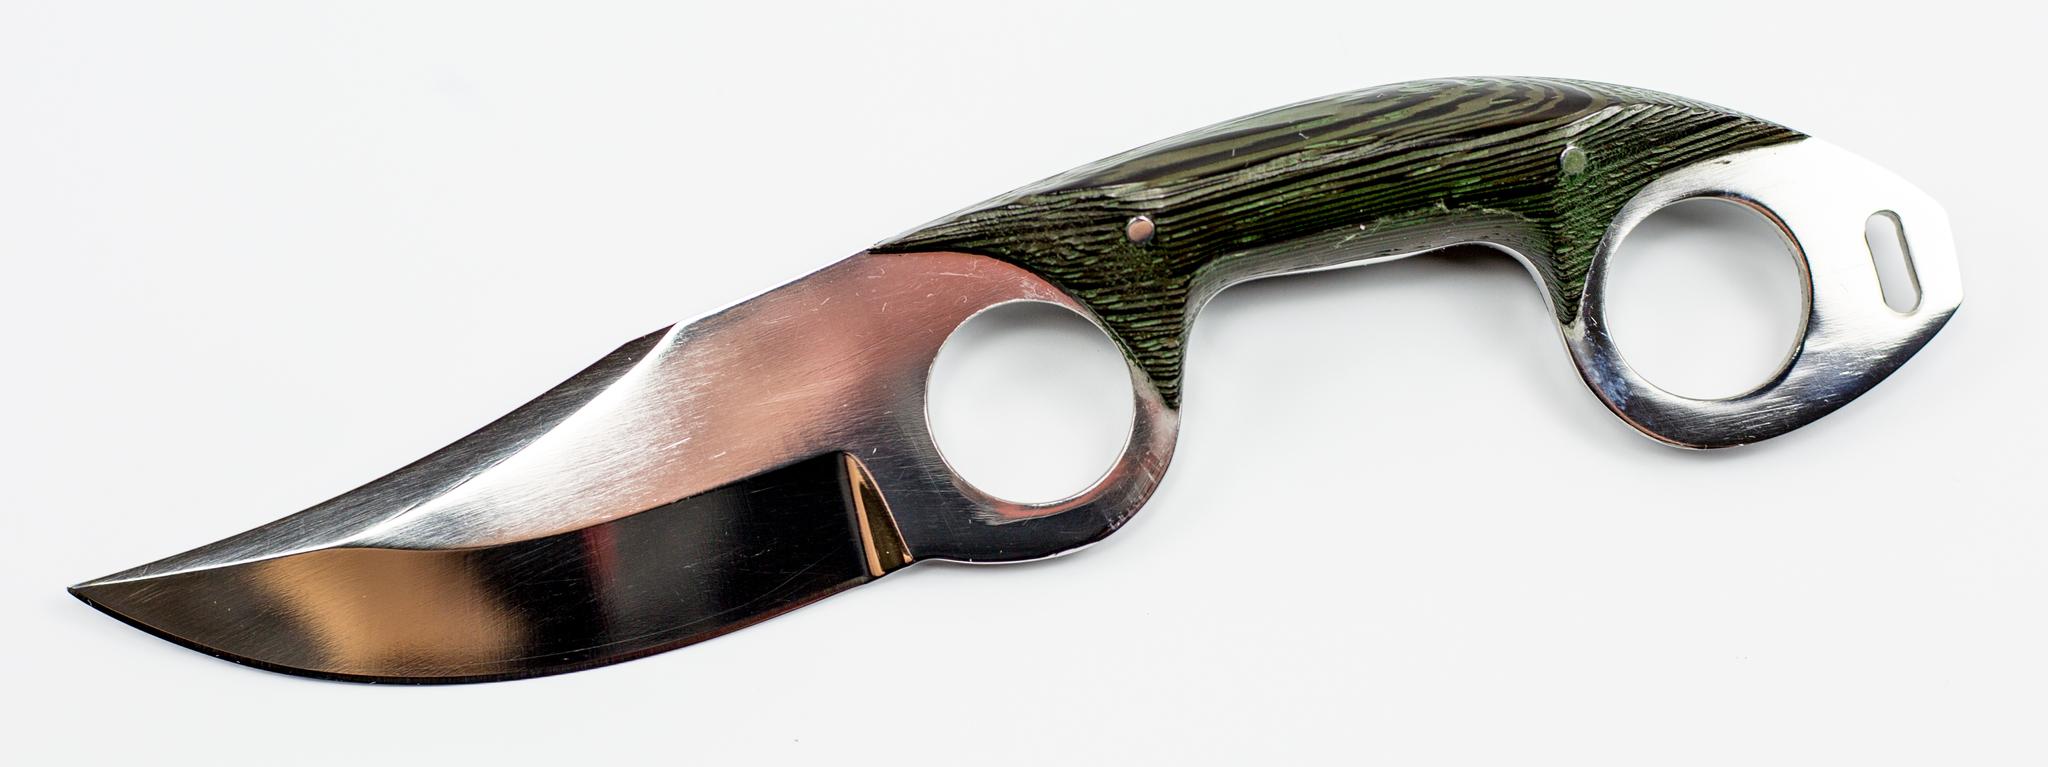 Фото 8 - Нож Дятел от Павловские ножи